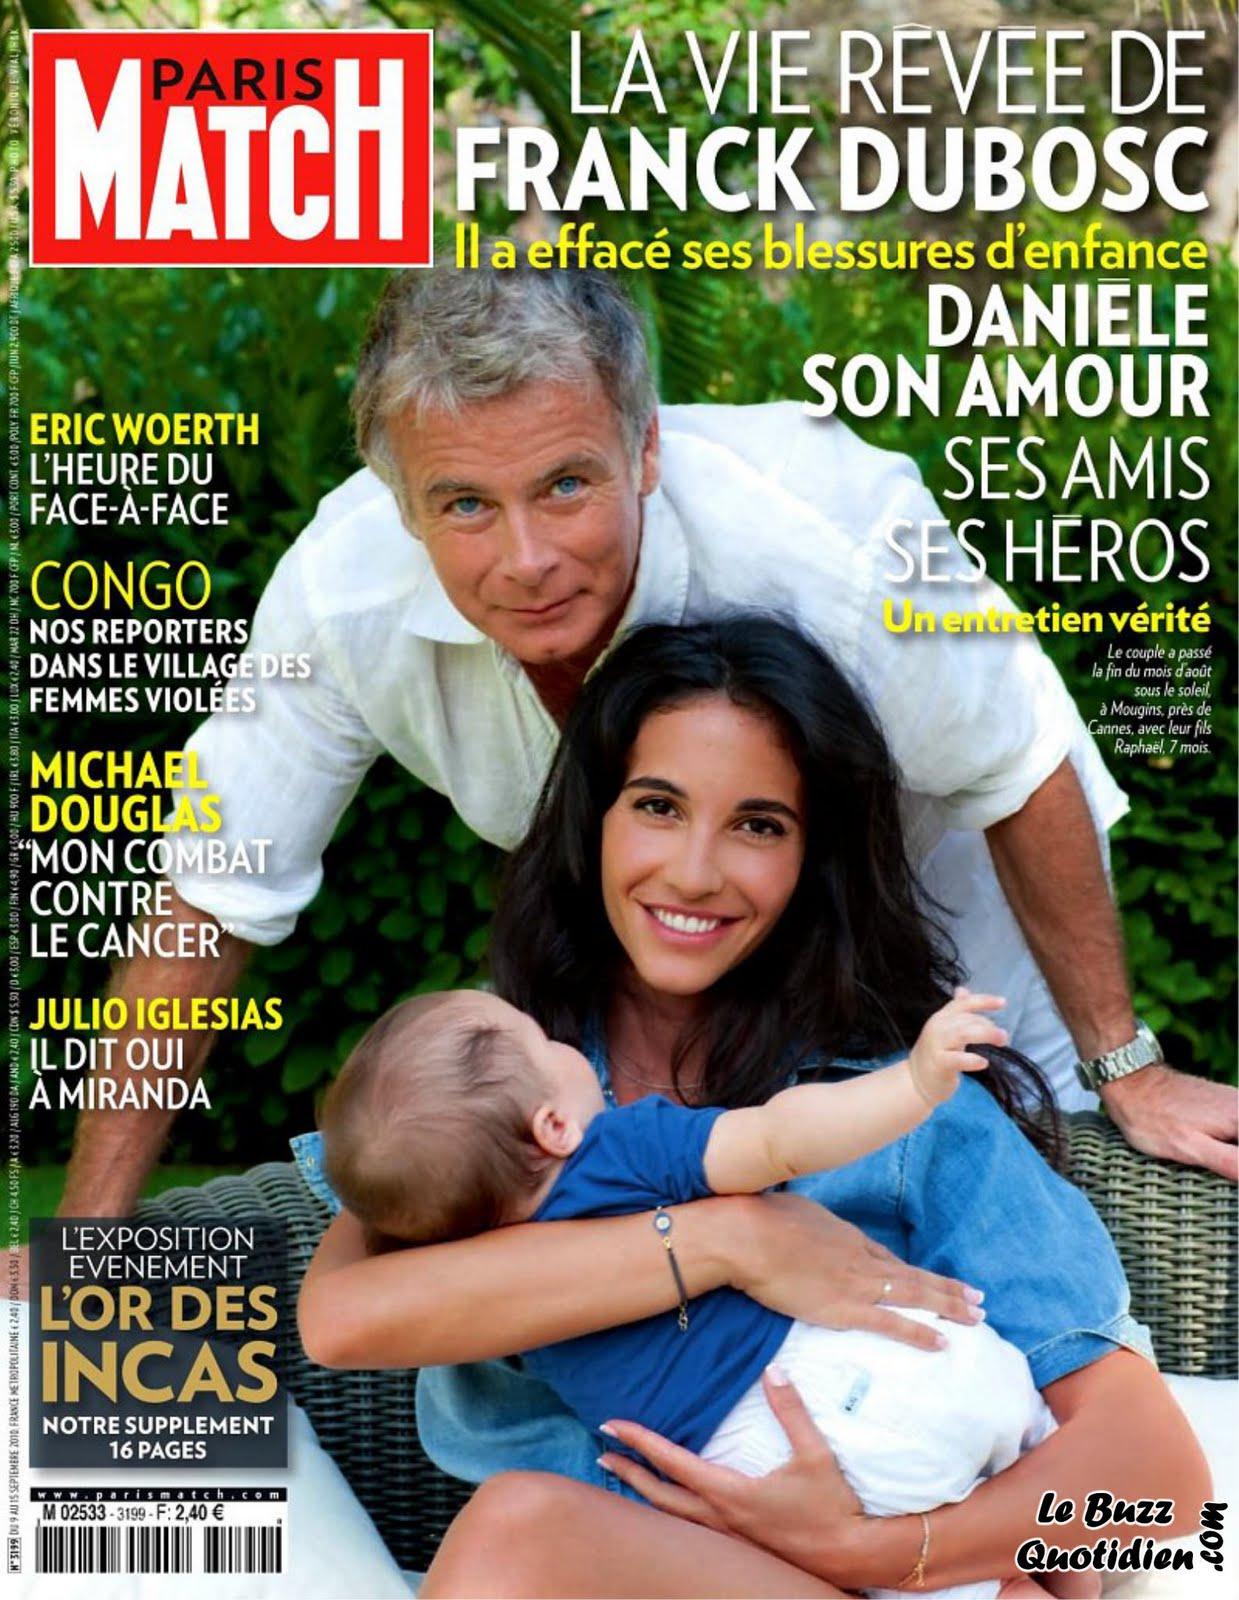 Danièle femme Franck Dubosc fils Raphaël Paris Match